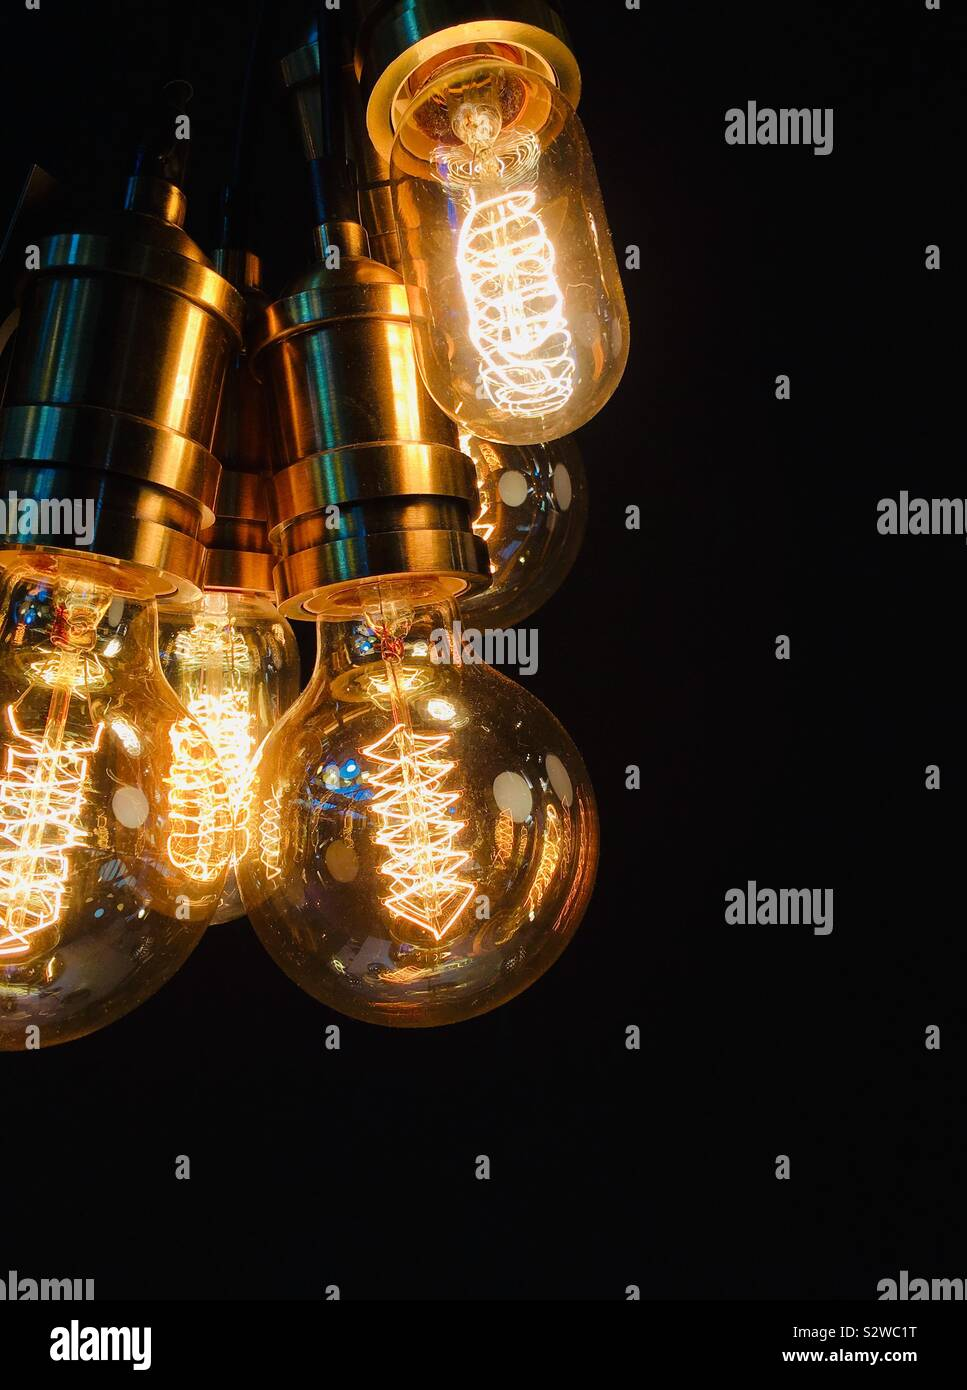 Ampoules style vintage lumineux Banque D'Images